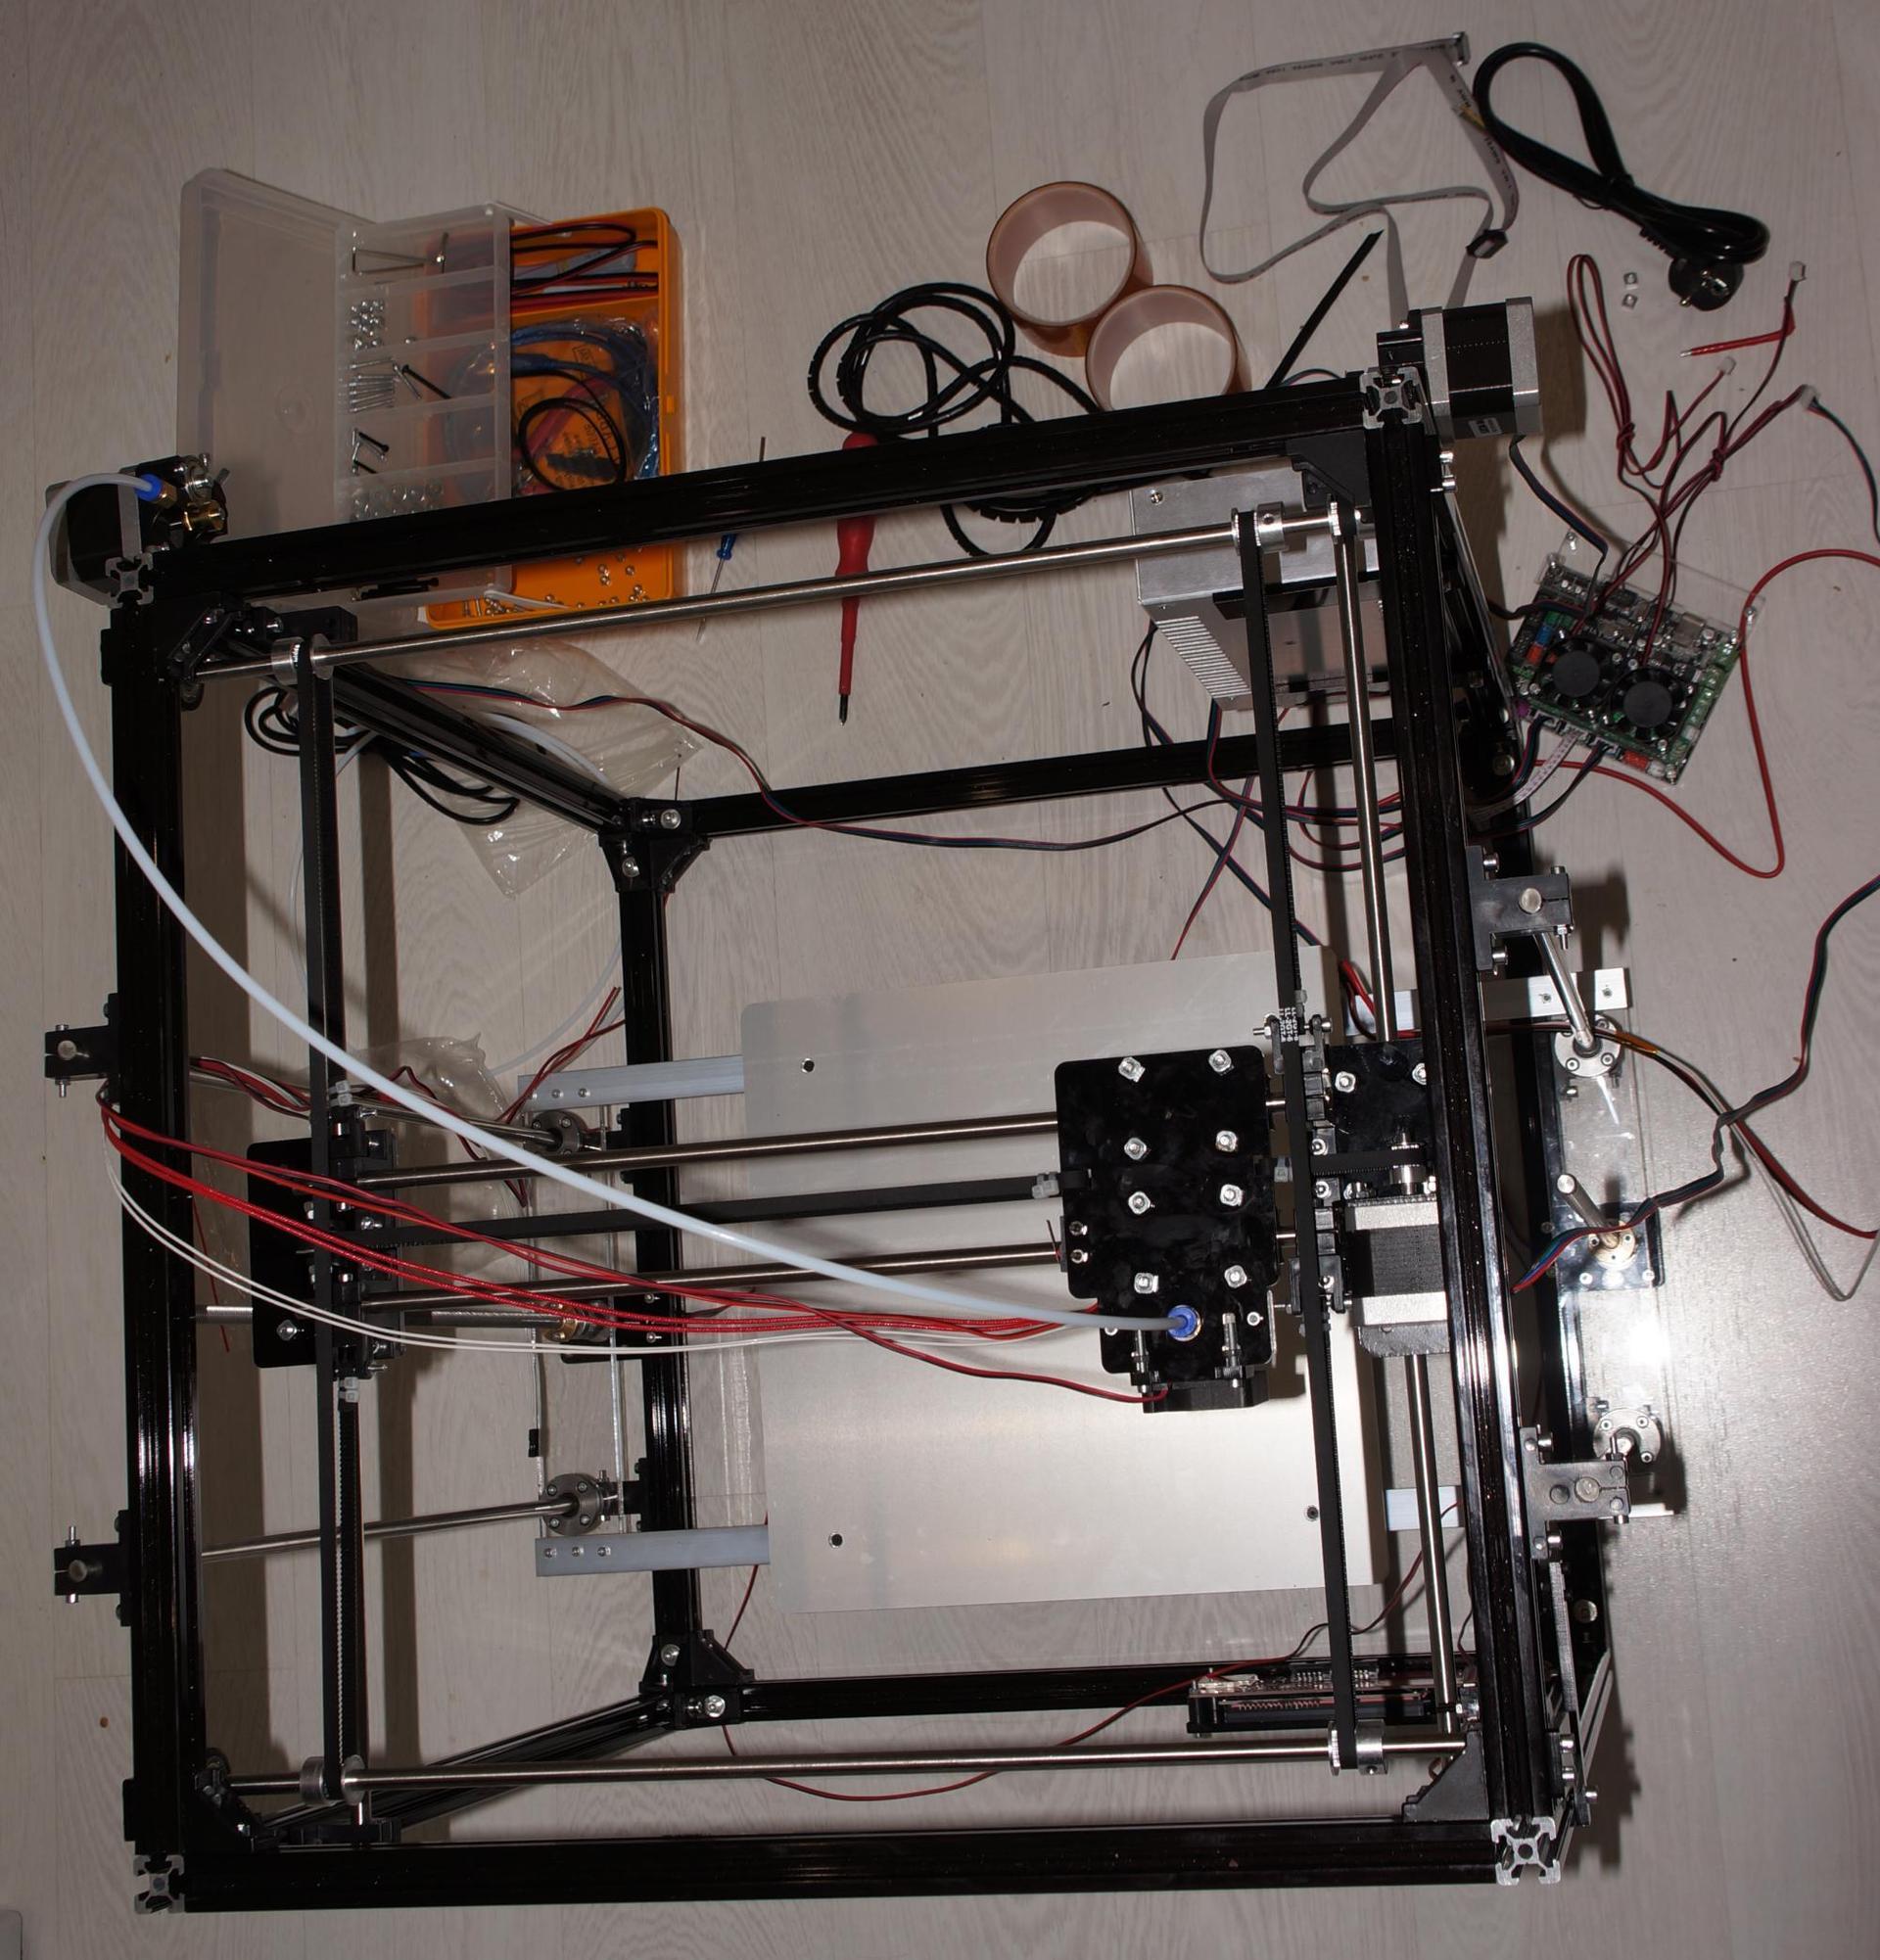 Обзор принтера от flsun с большой областью печати - 5